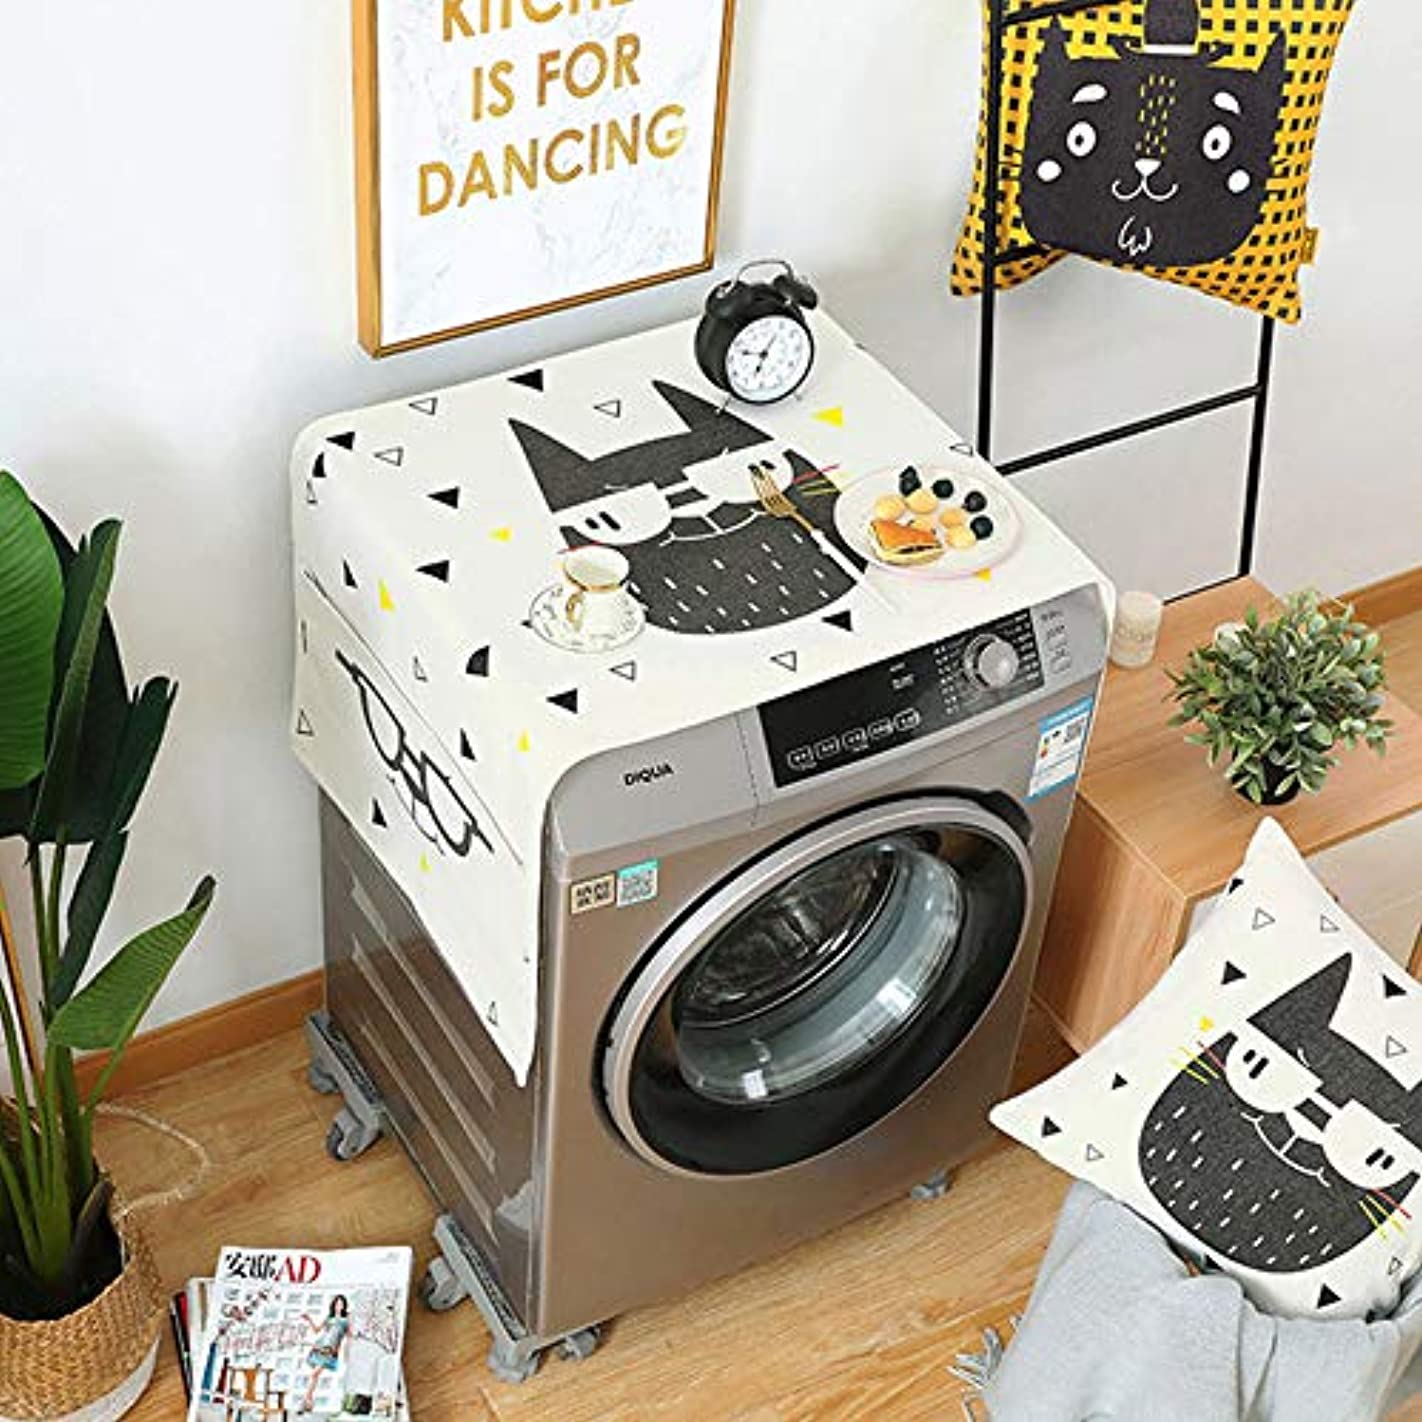 作曲するセクタ放送洗濯機カバー CMMBB 幾何学的な菱形の塵カバー洗濯機はポケットコットンリネンの塵カバーホームクリーニングと冷蔵庫の塵をカバー 55X140CM ハンサム